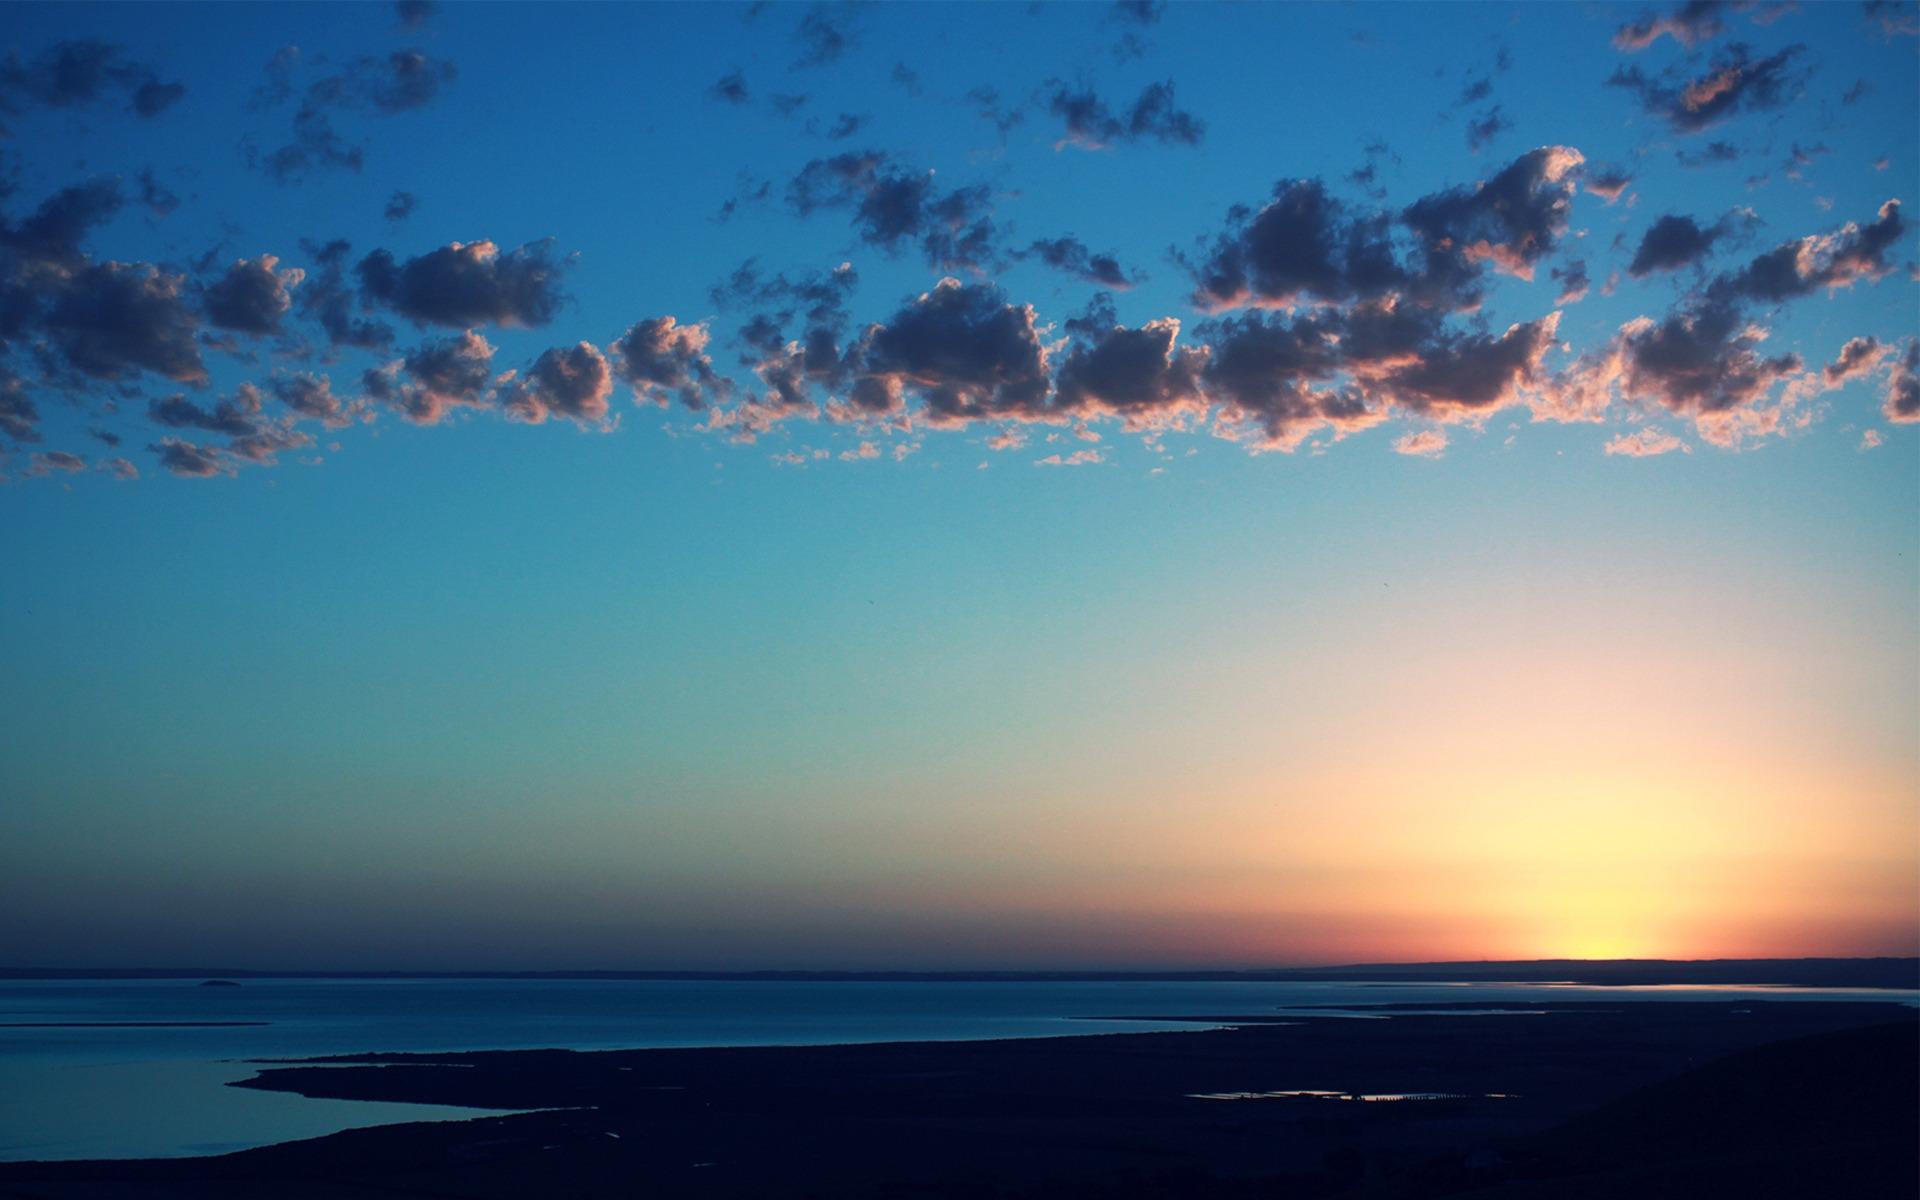 Не спокойное море в лучах заката  № 3849248  скачать